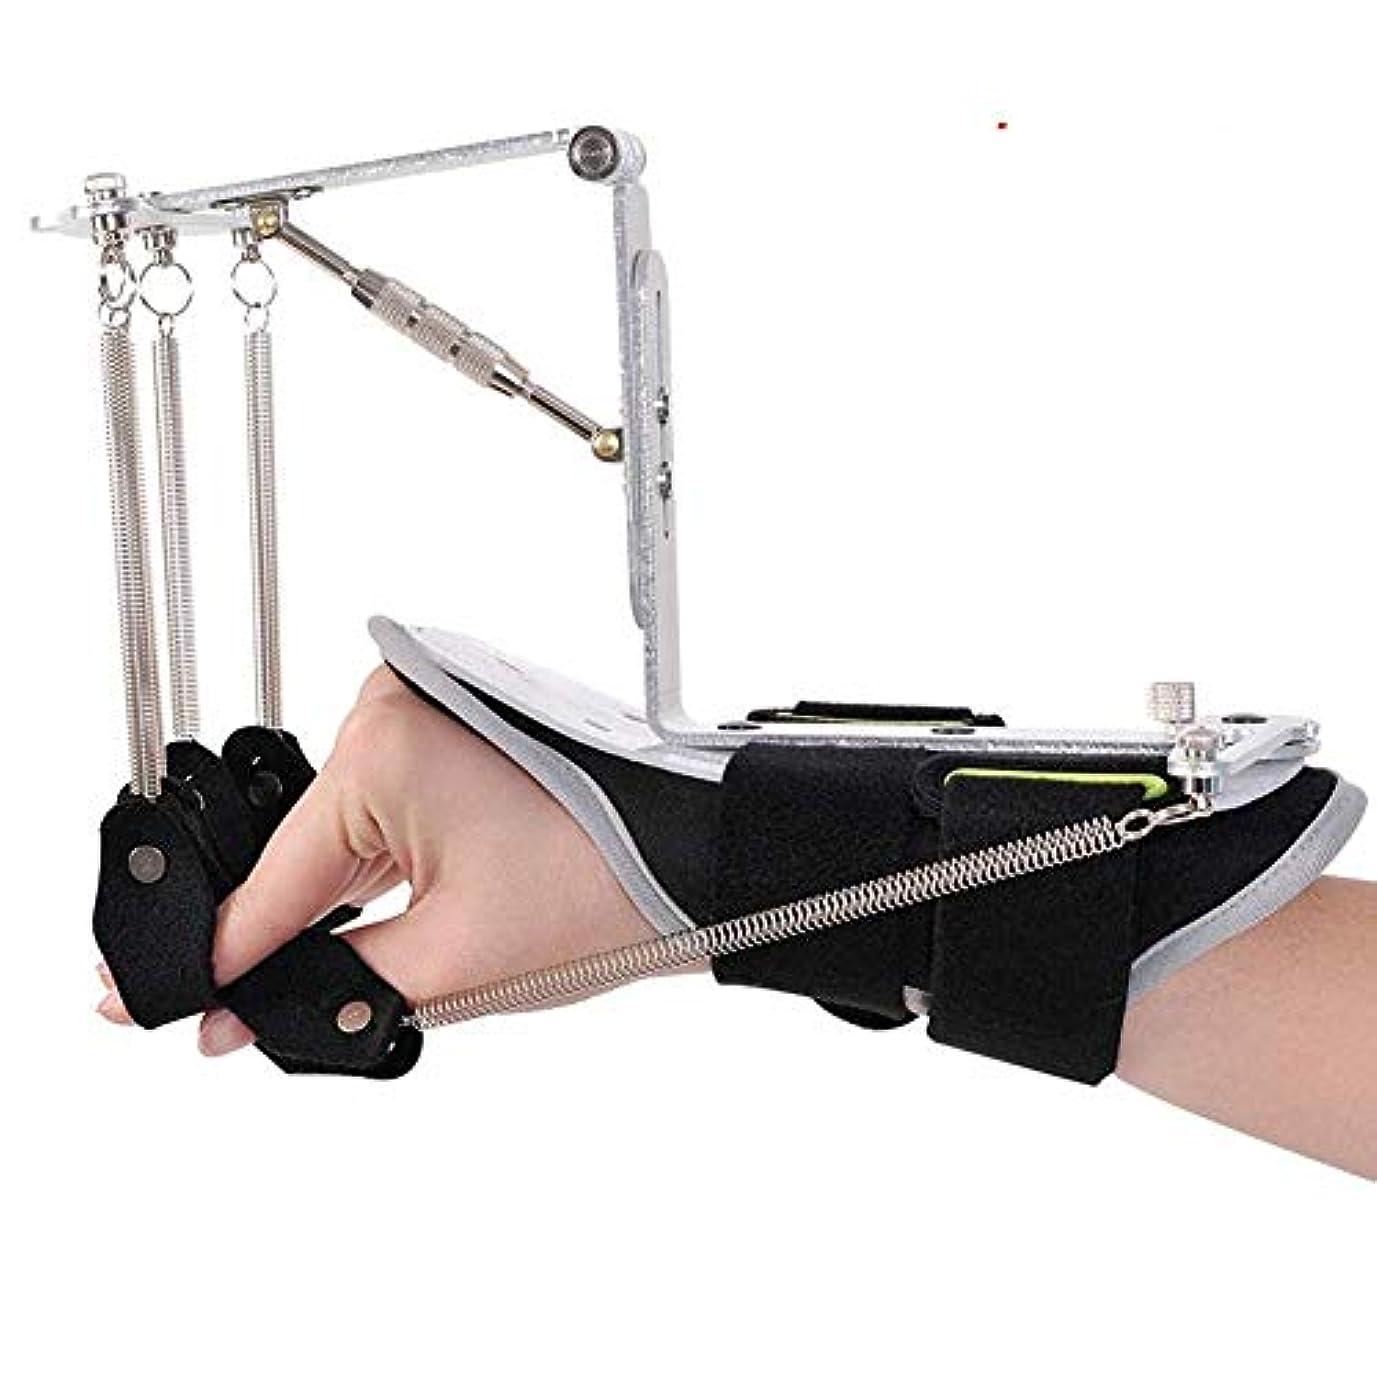 エイズ理論パーセント片麻痺患者の指の怪我のサポート、手首のリハビリテーショントレーニング、脳卒中装具,A